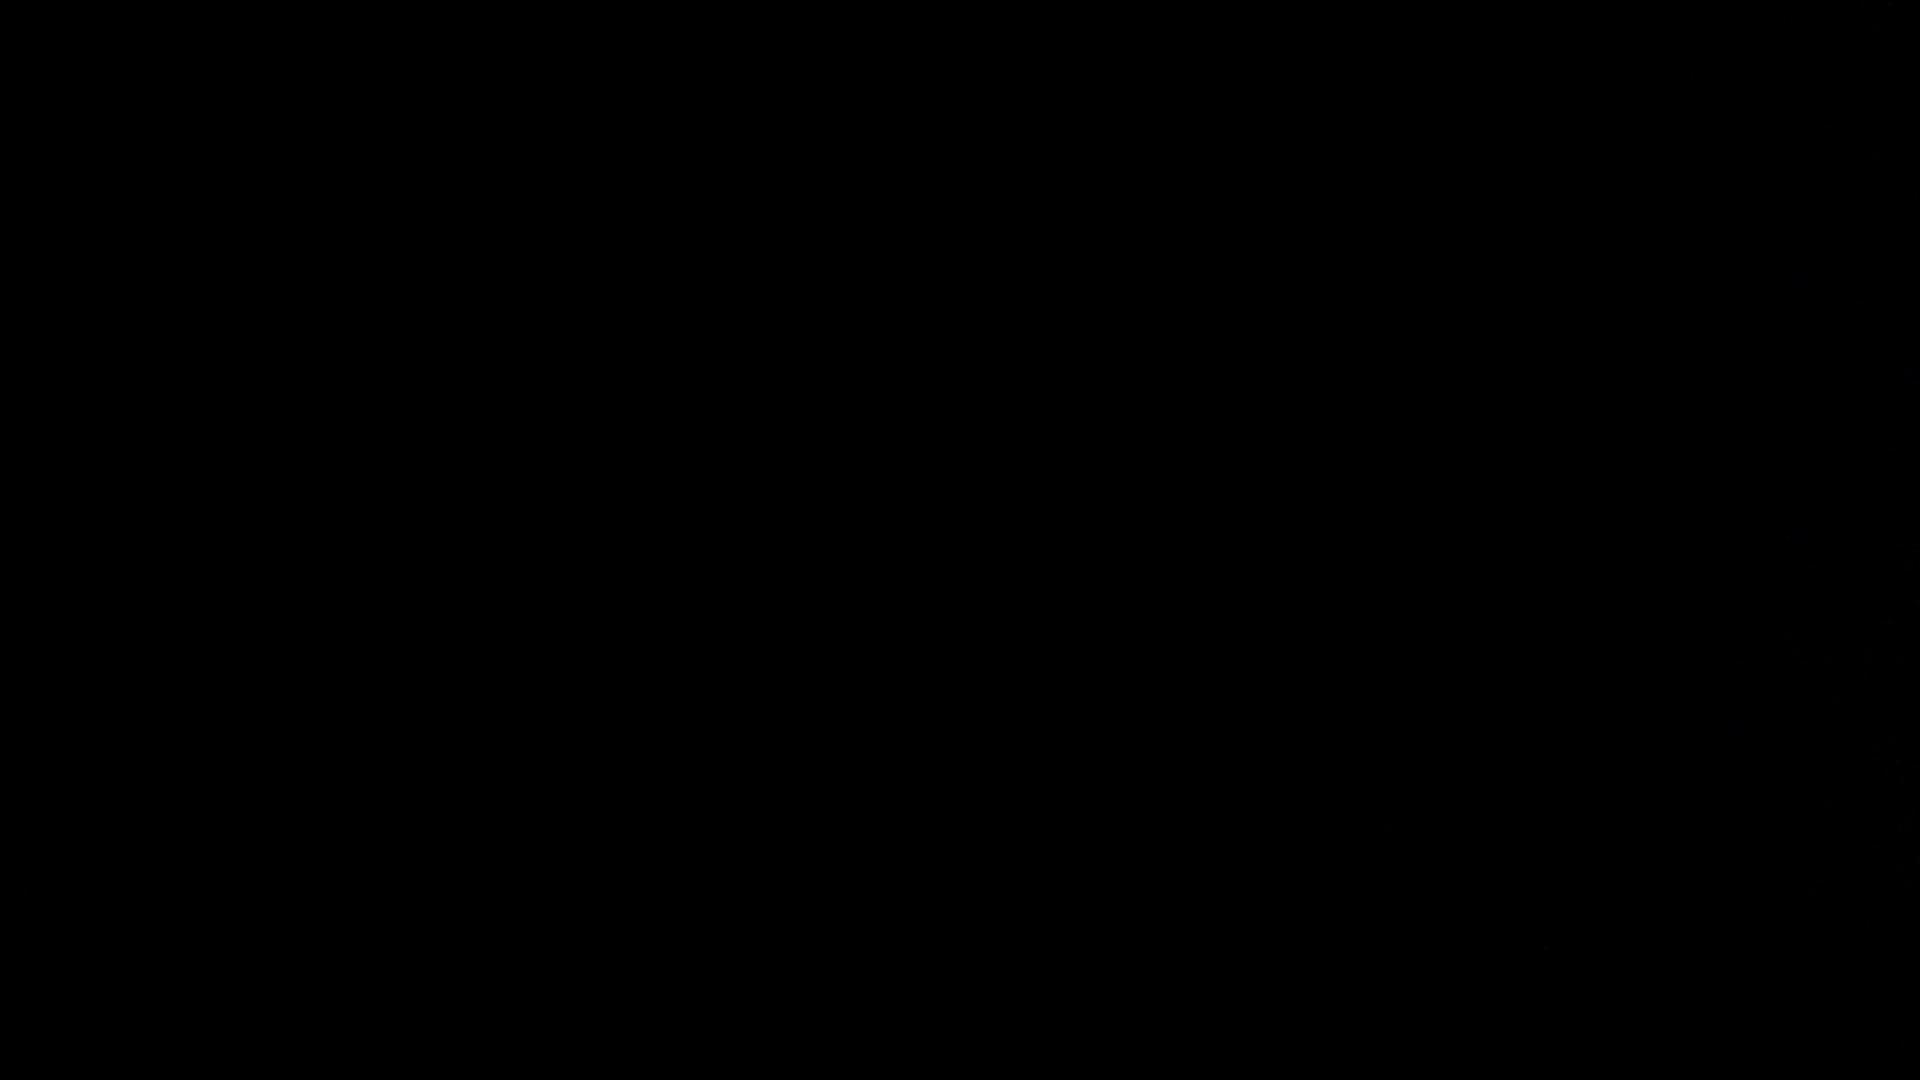 ゆめかわ男子のゆめかわオナニージャニーズ編vol.09 男天国 | 人気シリーズ  52pic 15